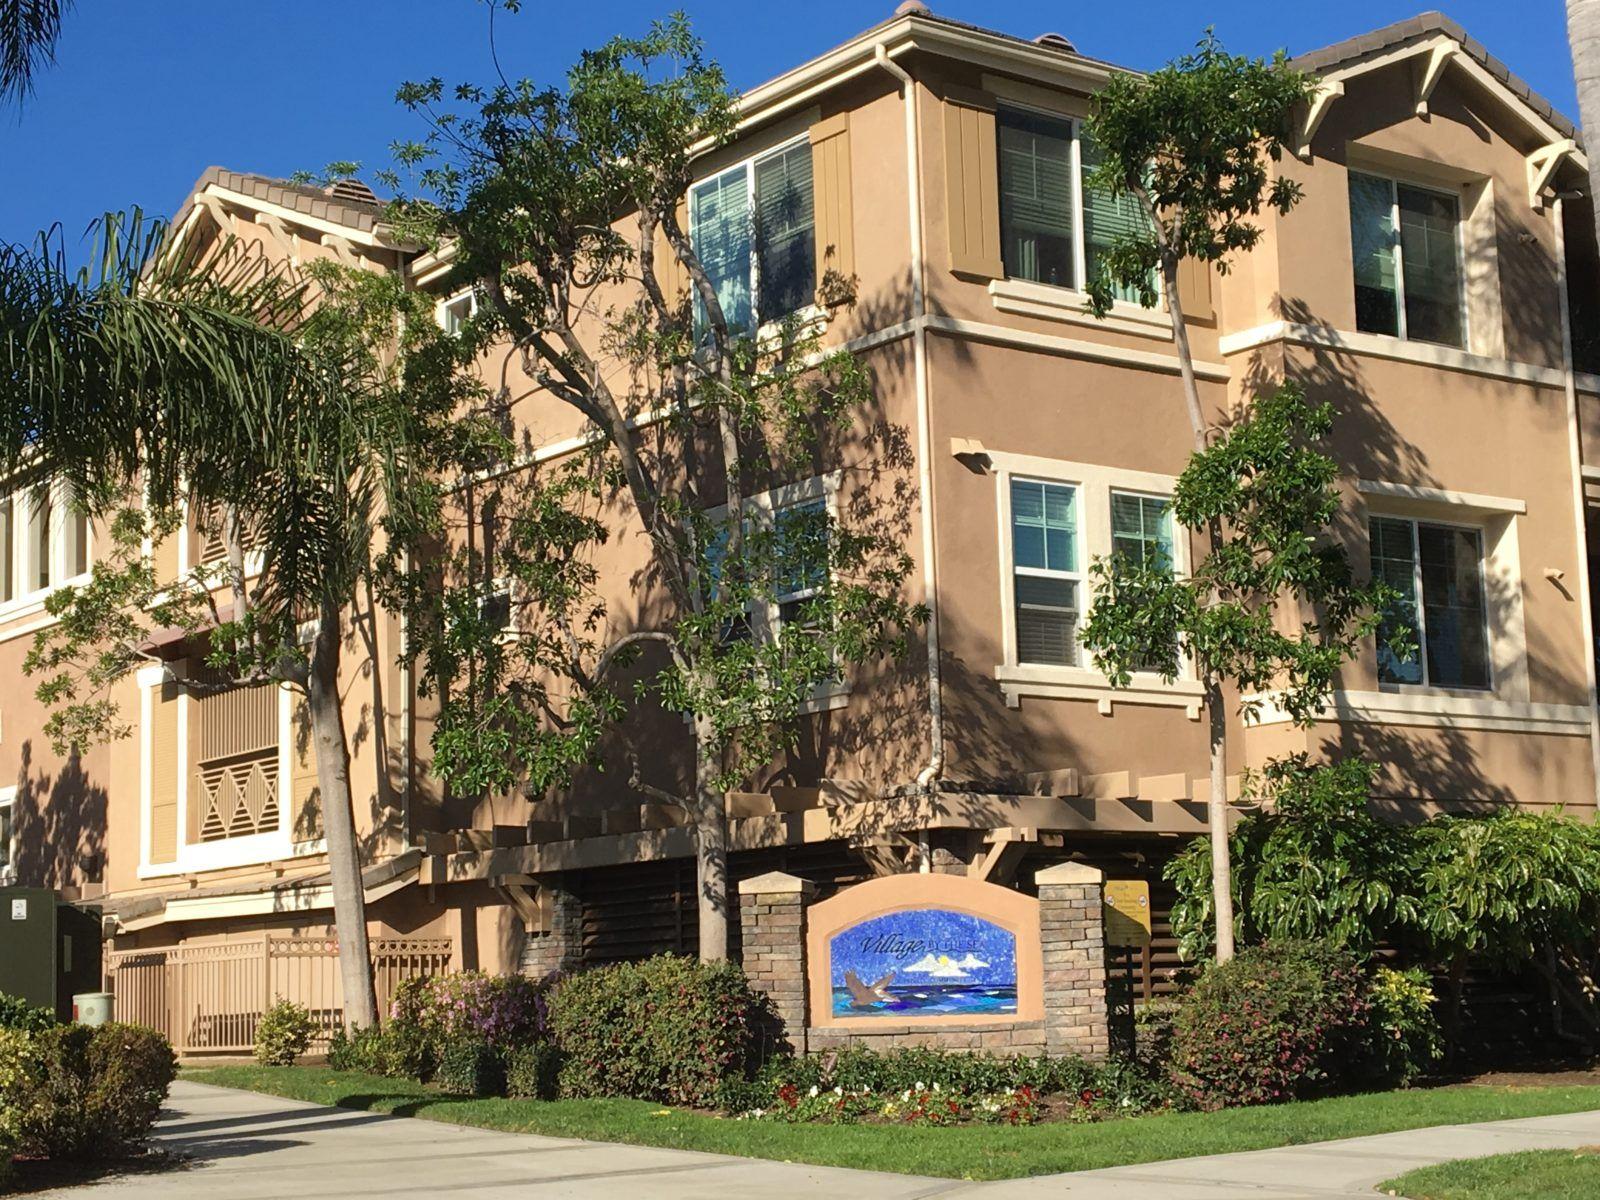 carlsbad 92008 homes for sale recent blog posts pinterest